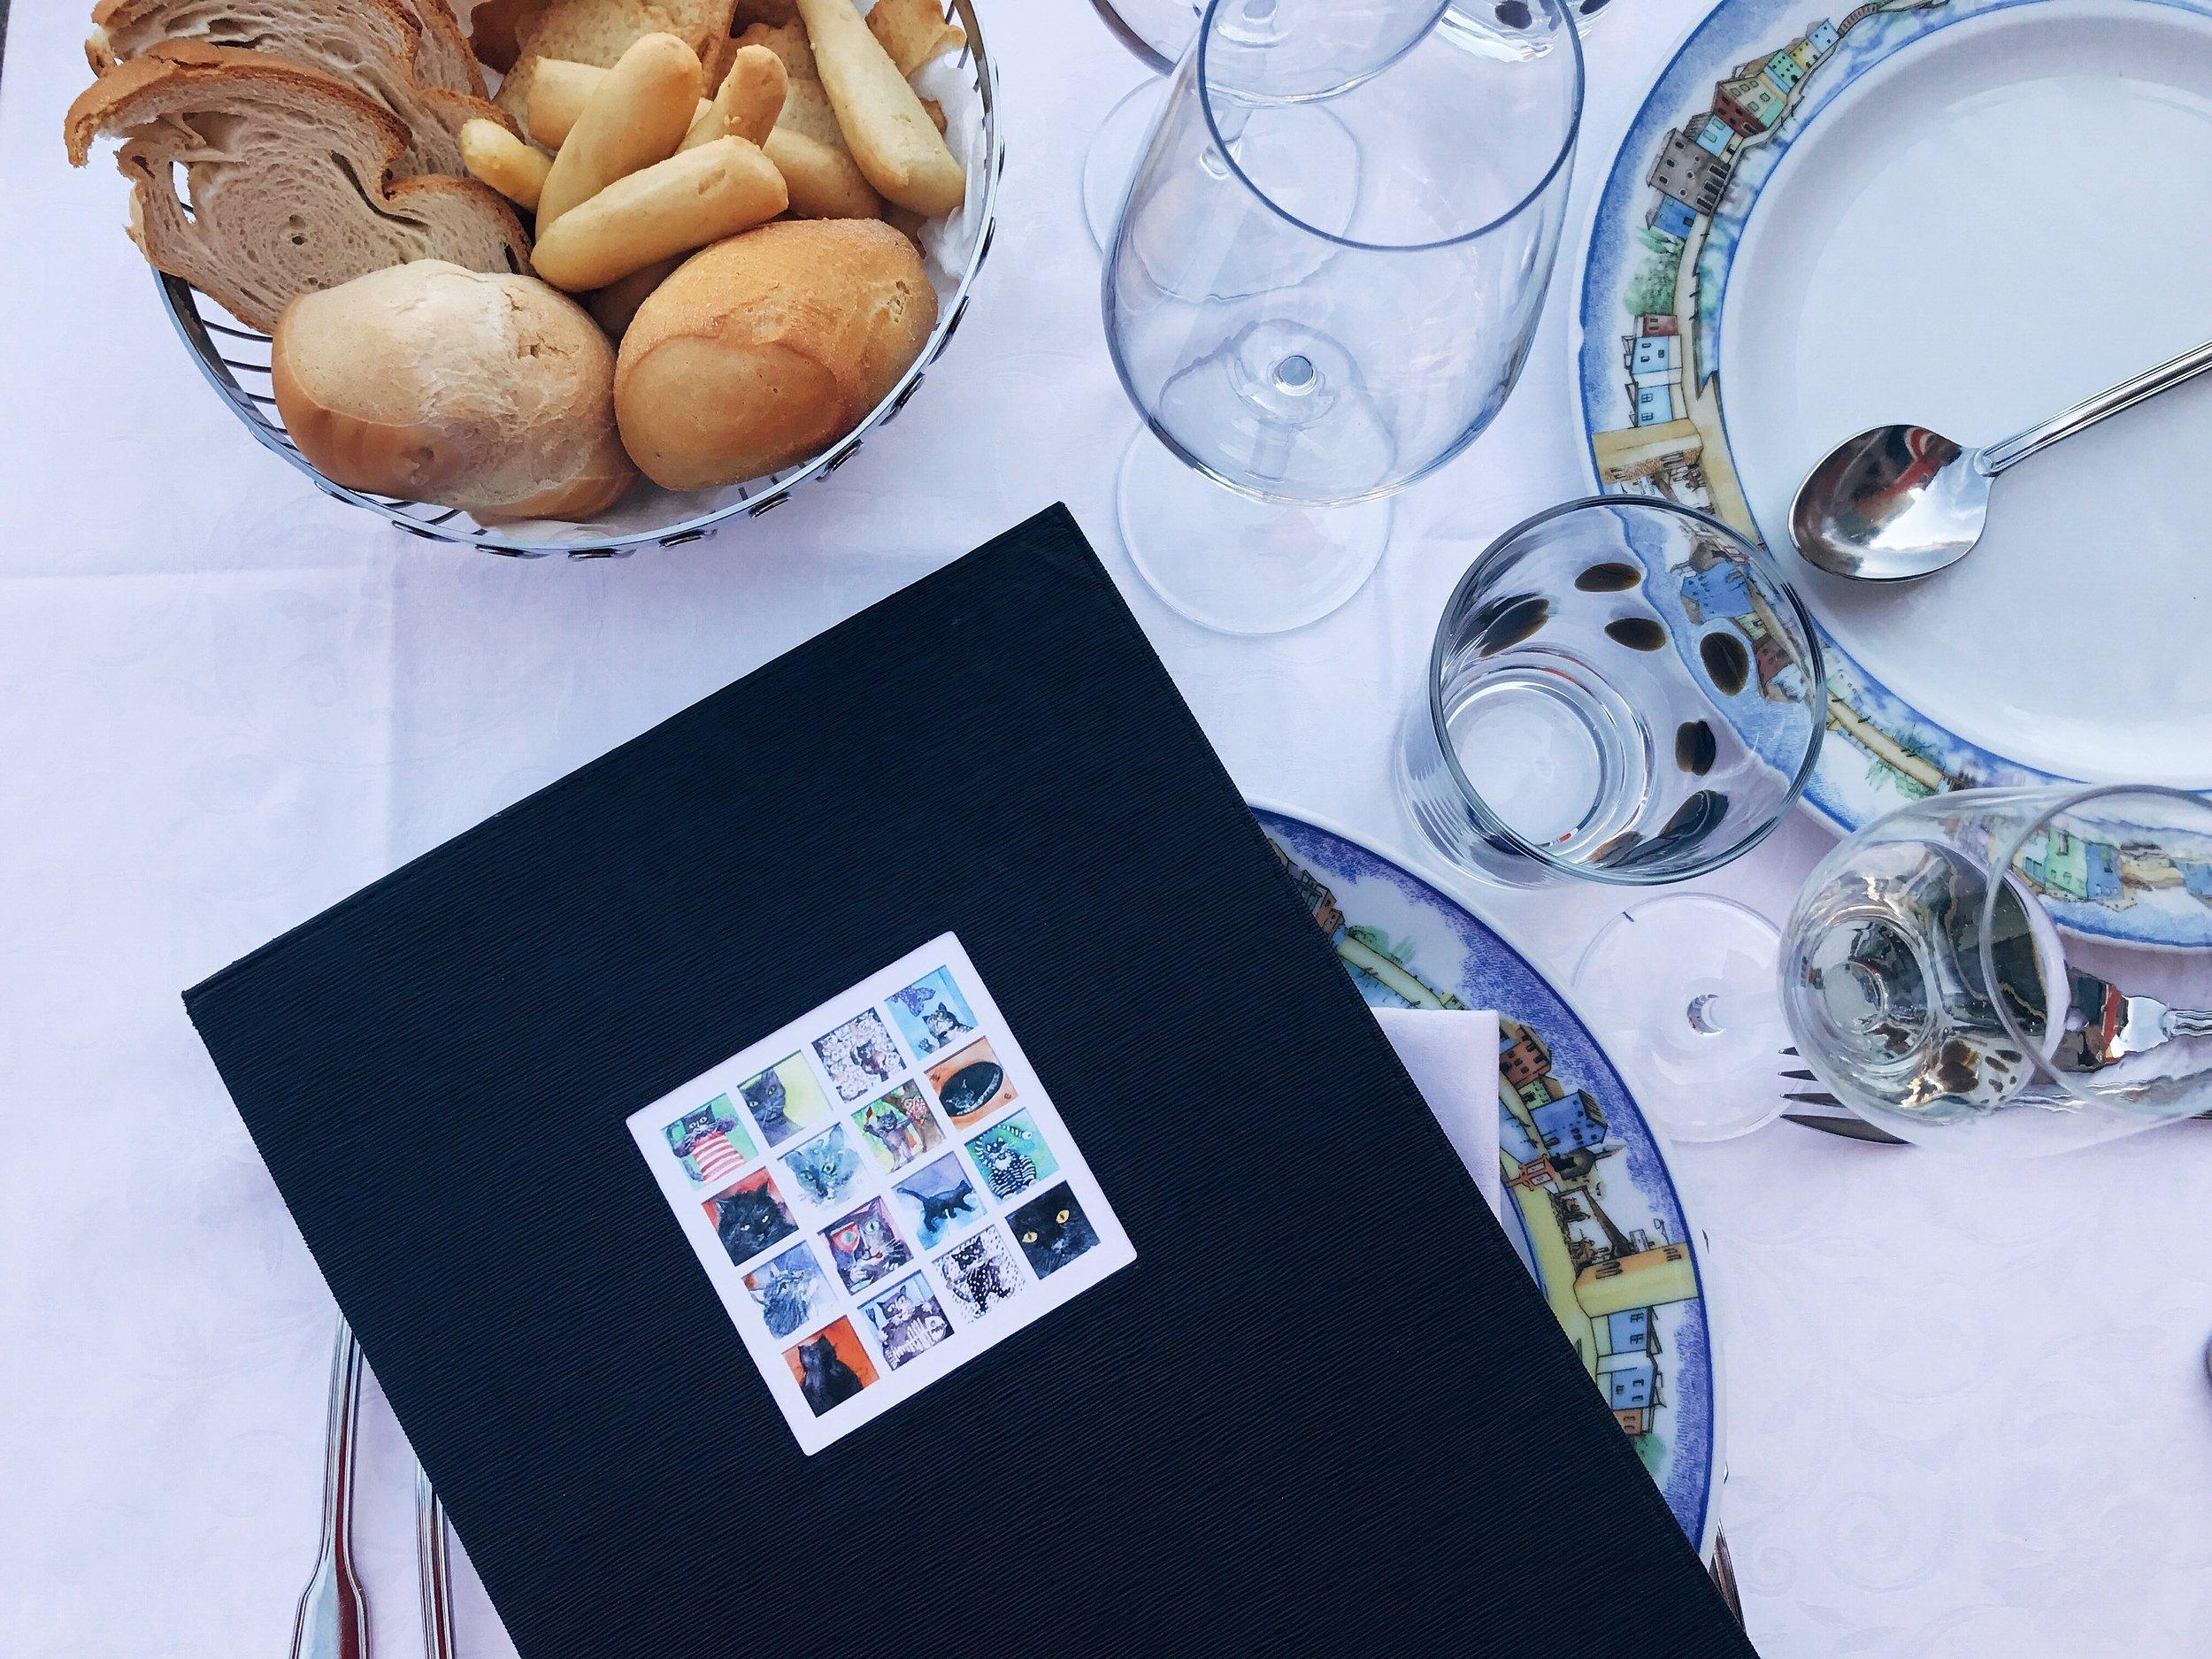 Trattoria al Gatto Nero: I fell in love with the tableware